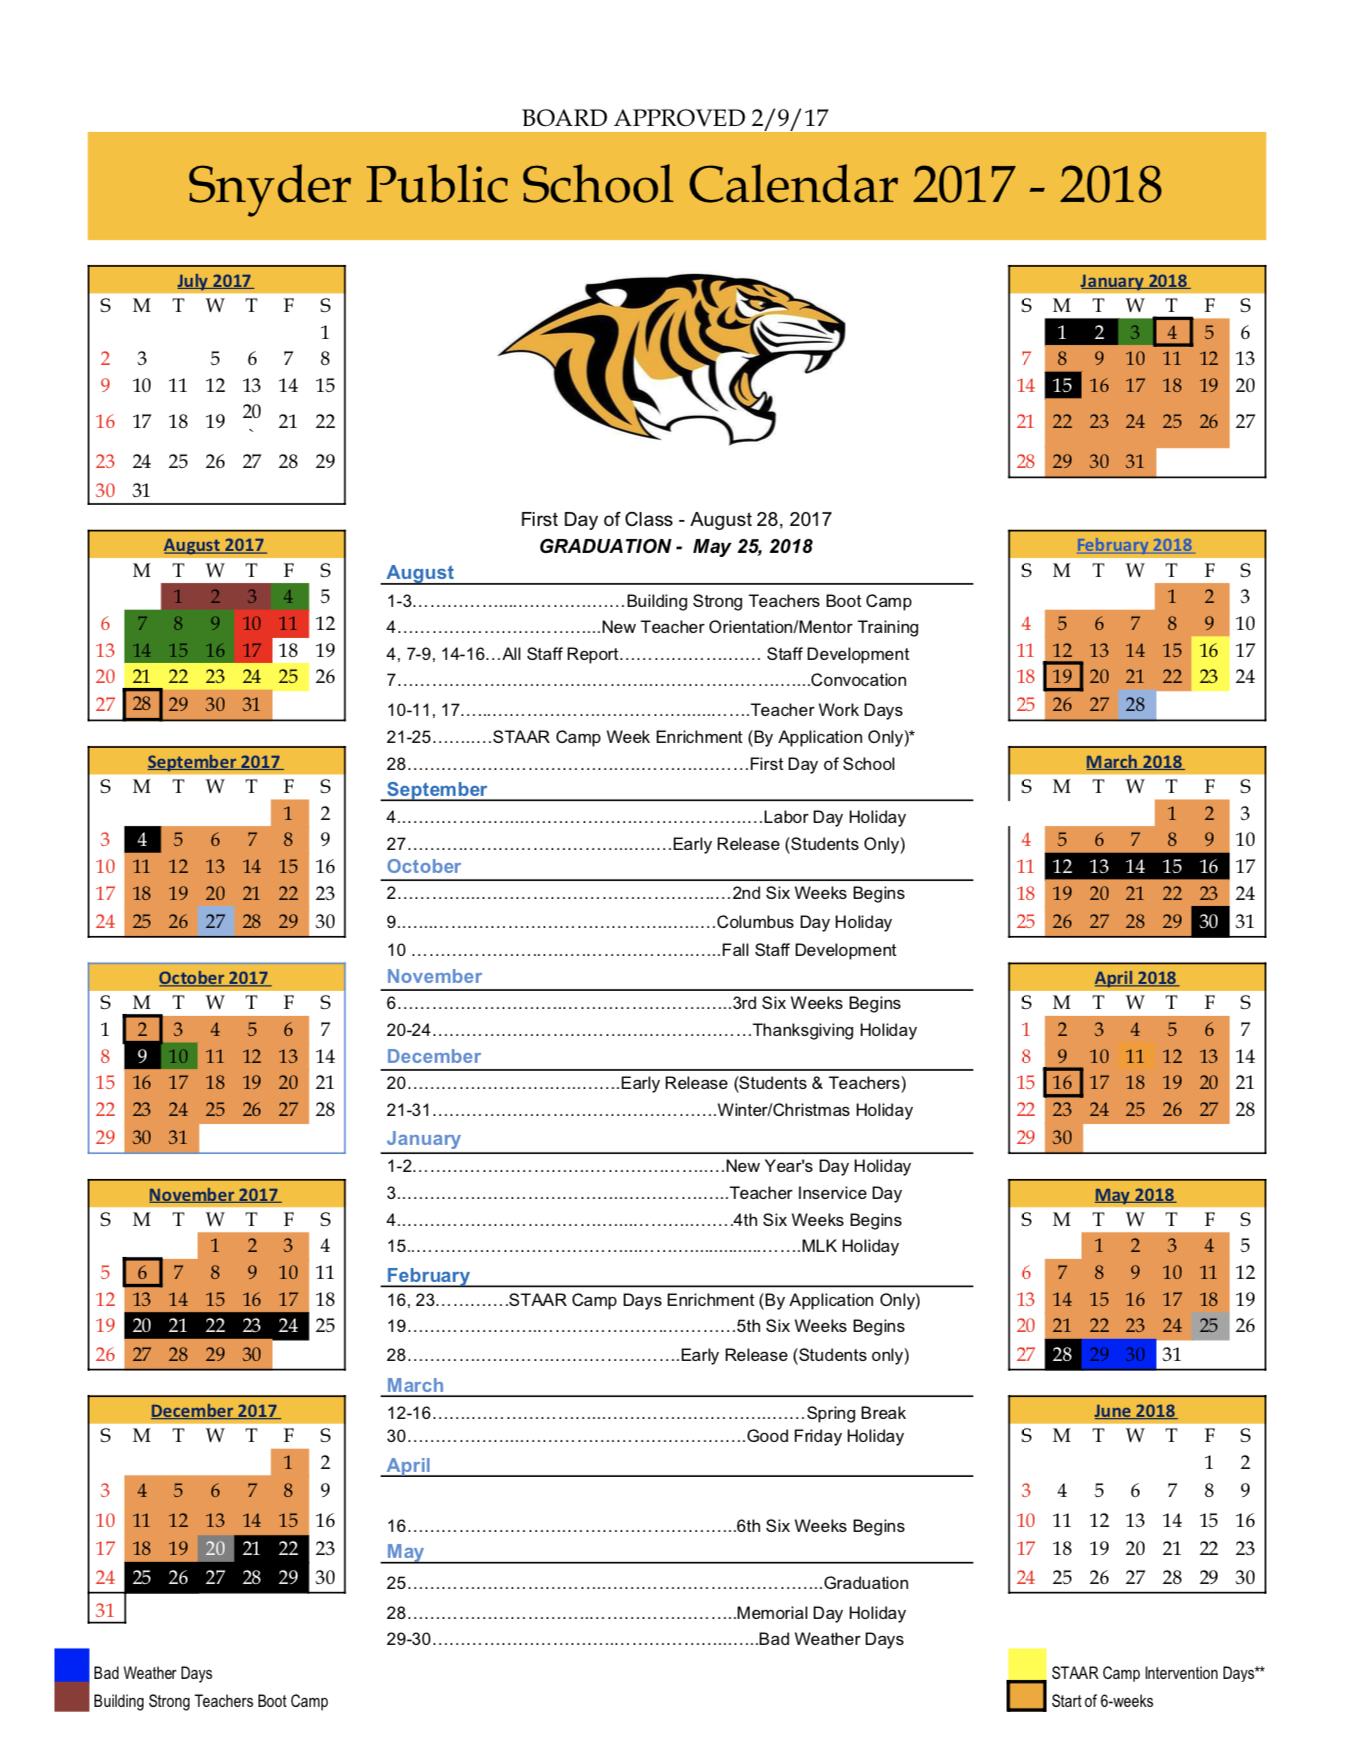 ... 17-18 Board Approved School Calendar ...